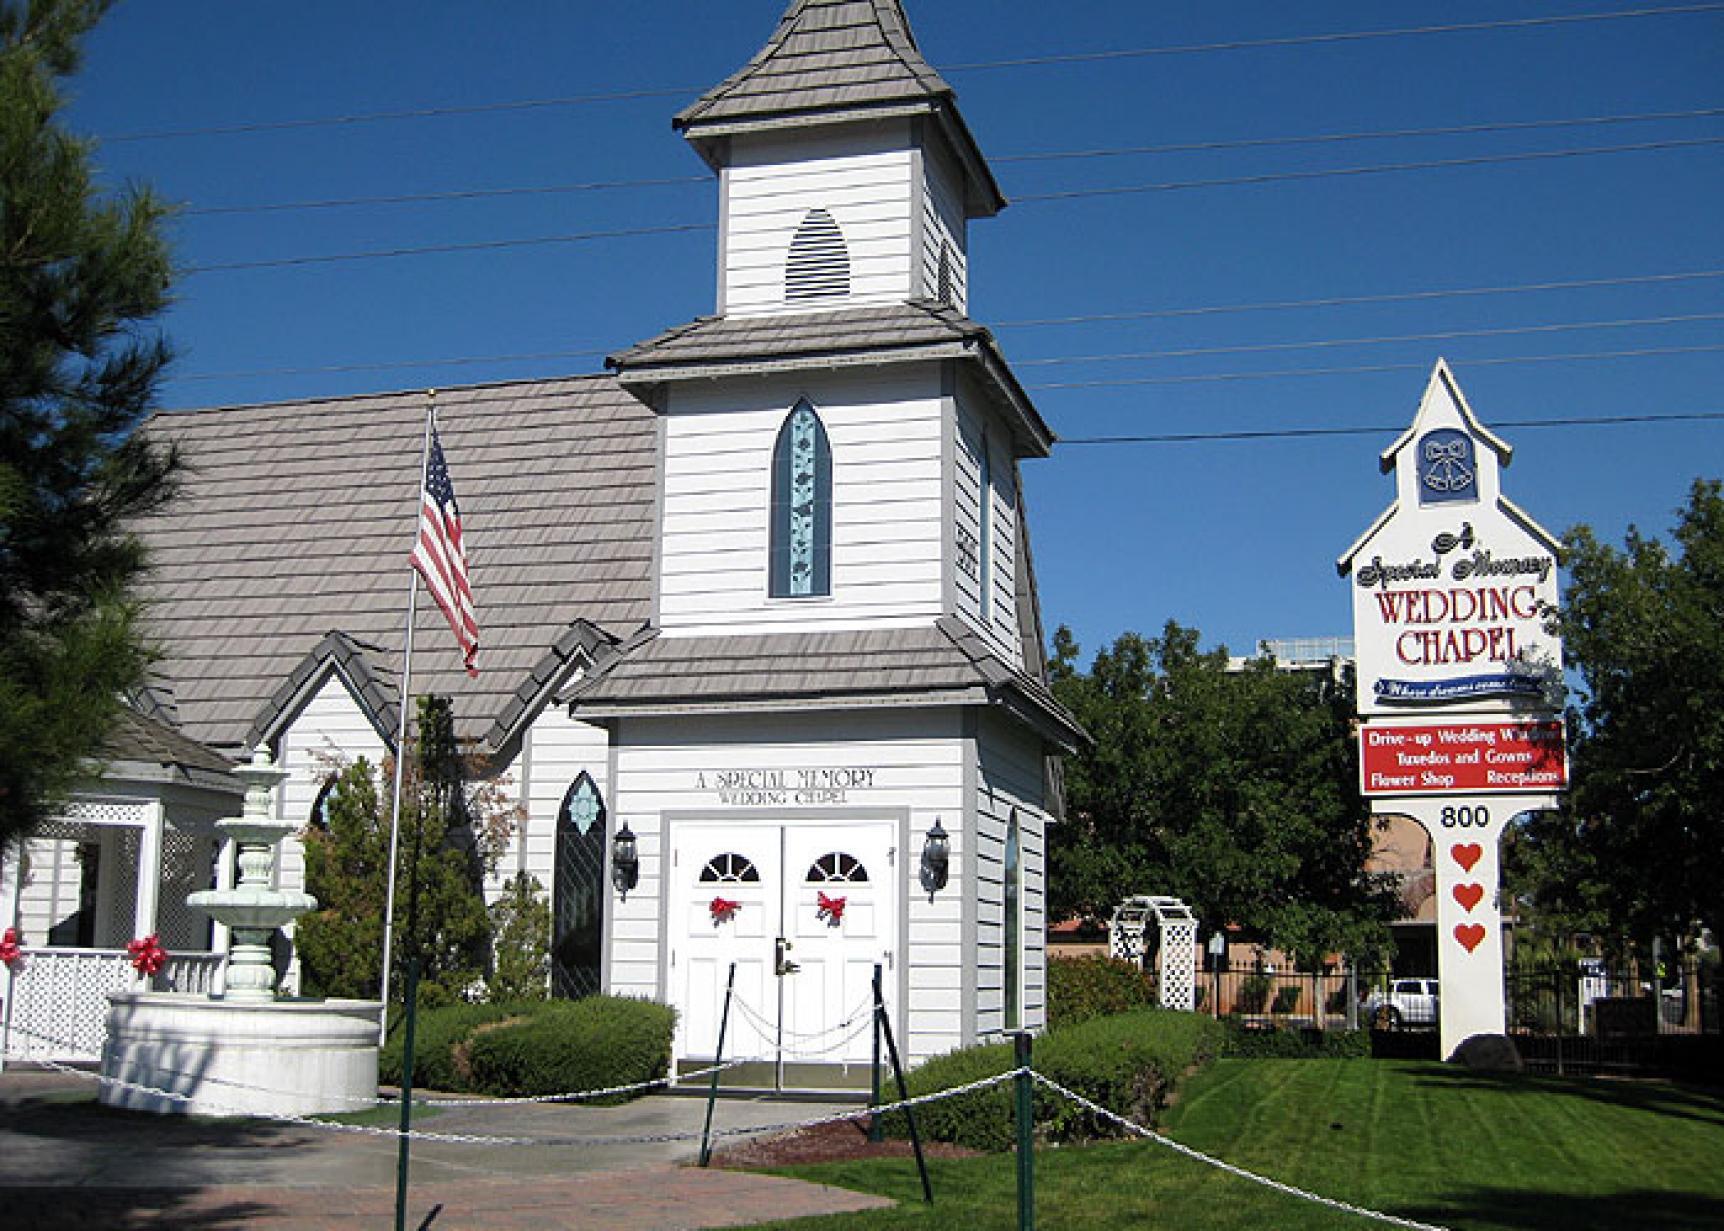 Special Memory Wedding Chapel